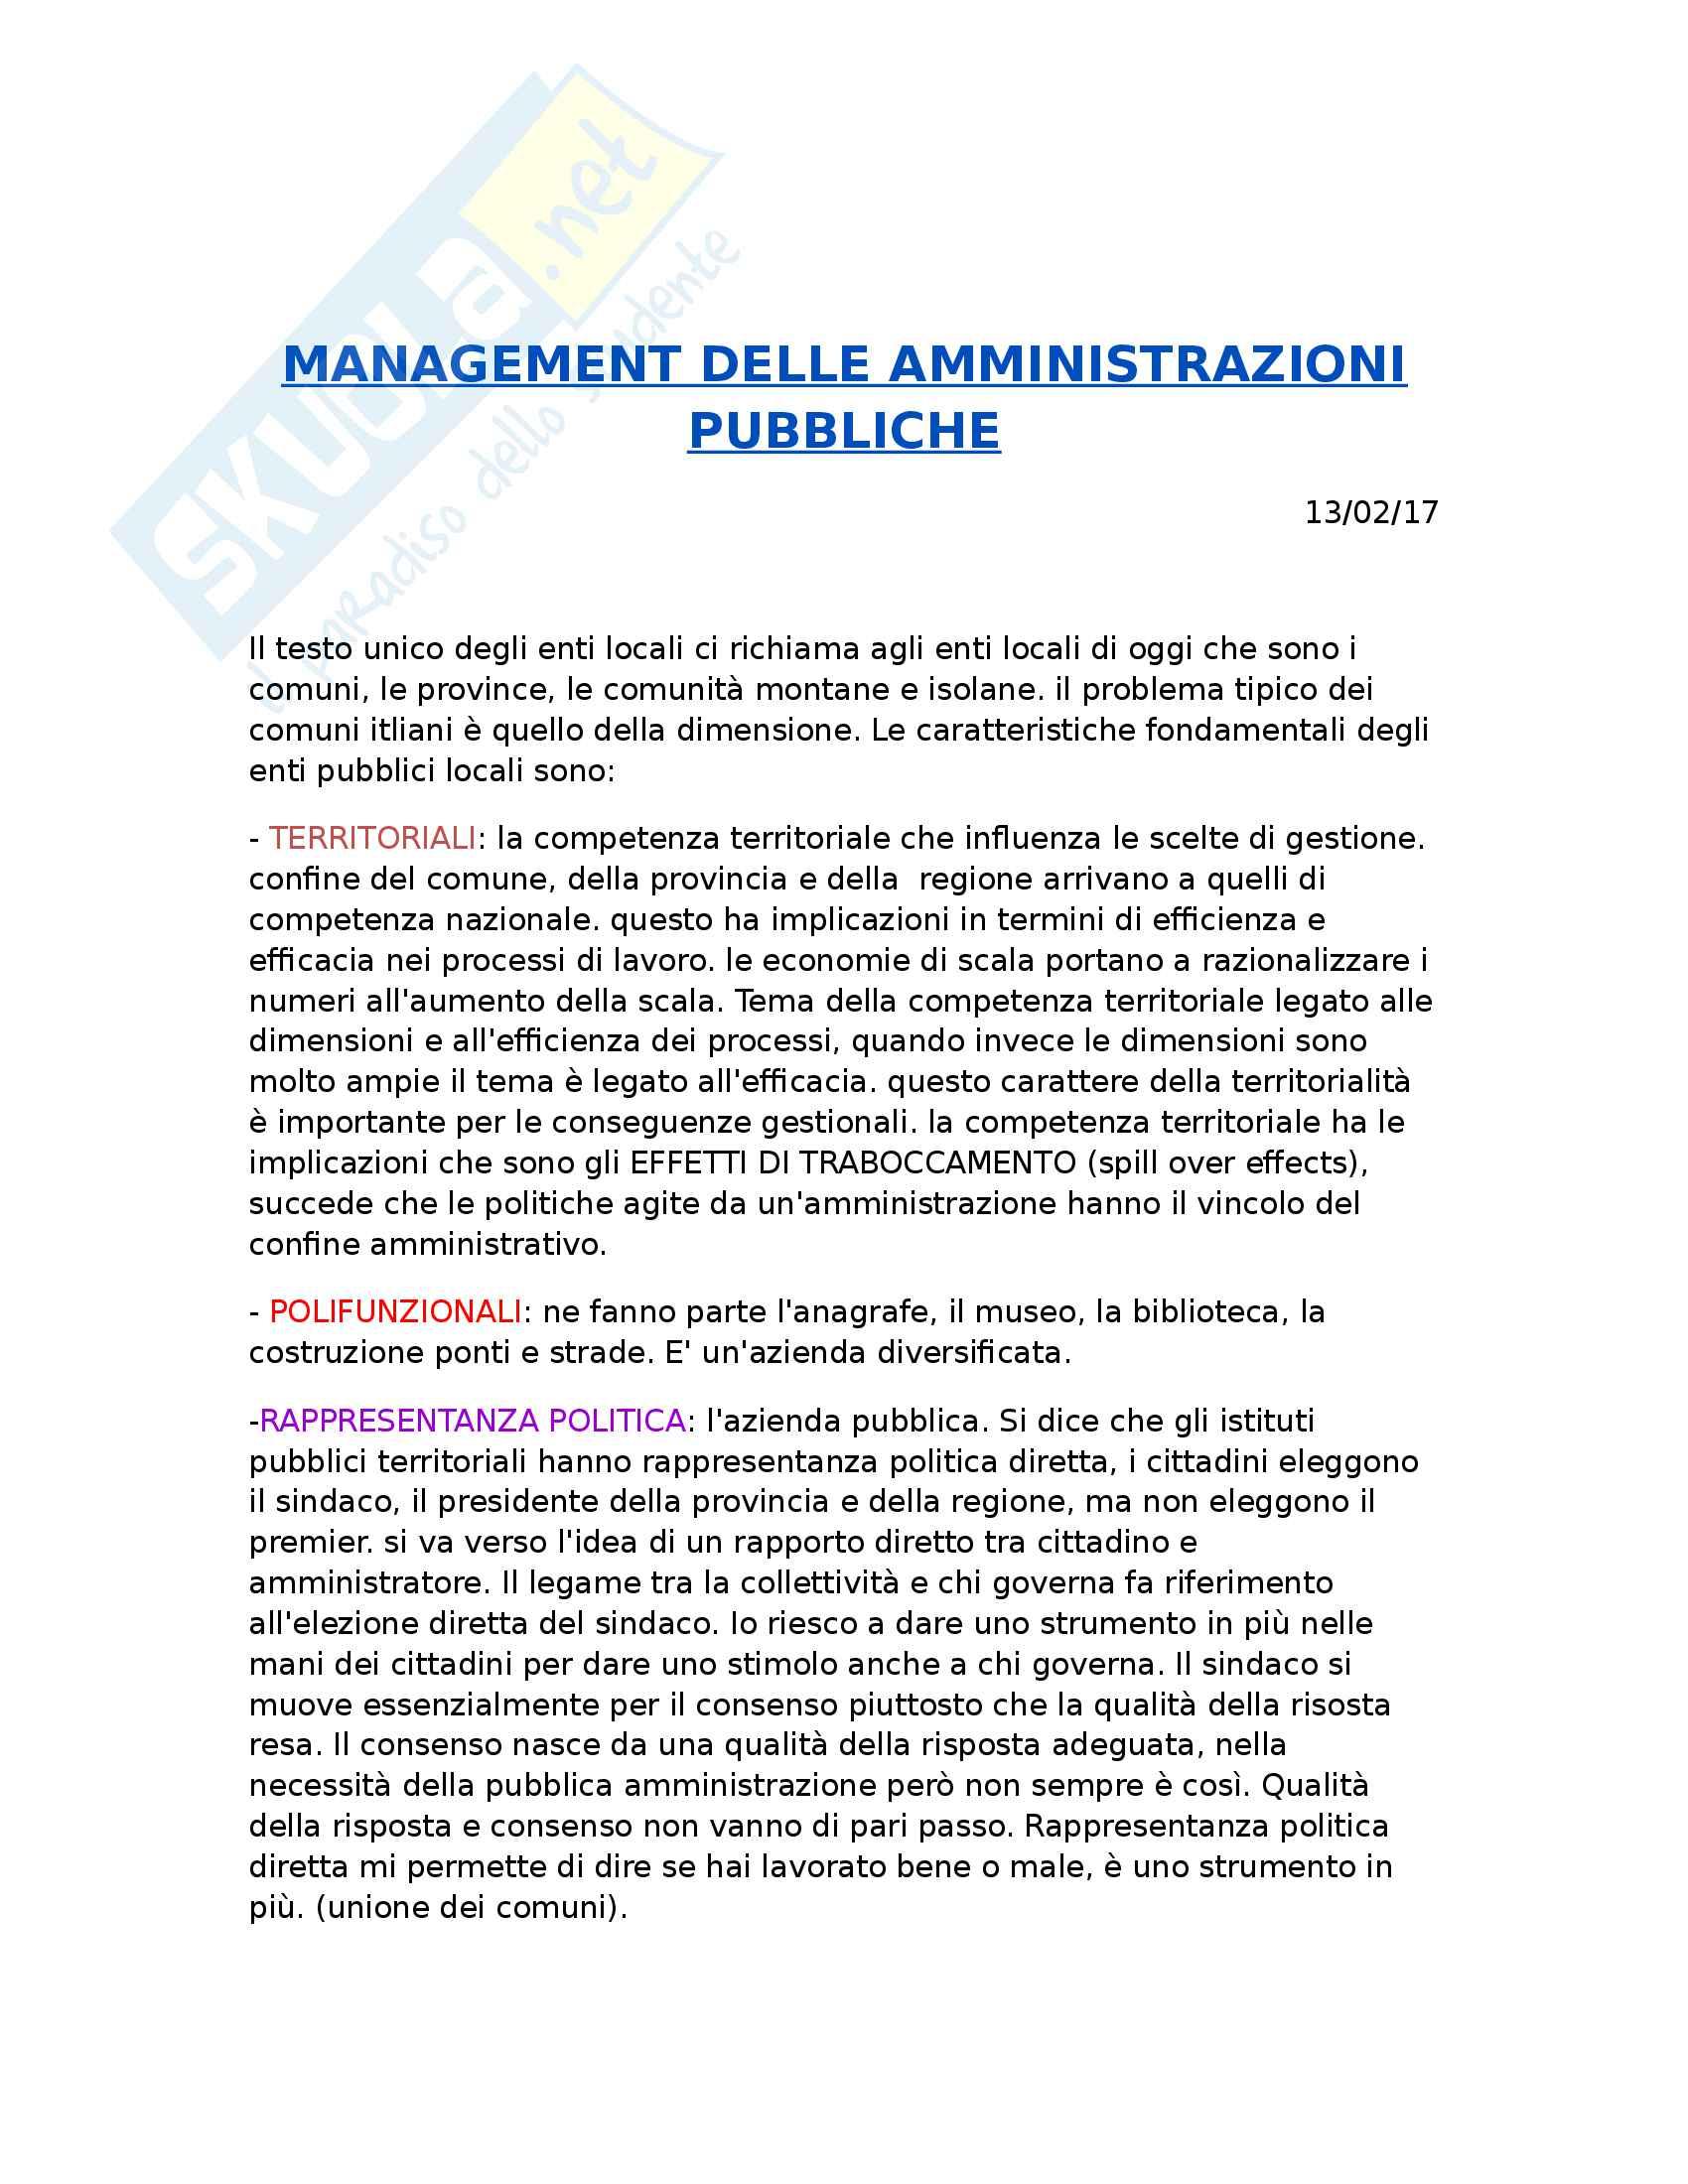 Management delle amministrazioni pubbliche